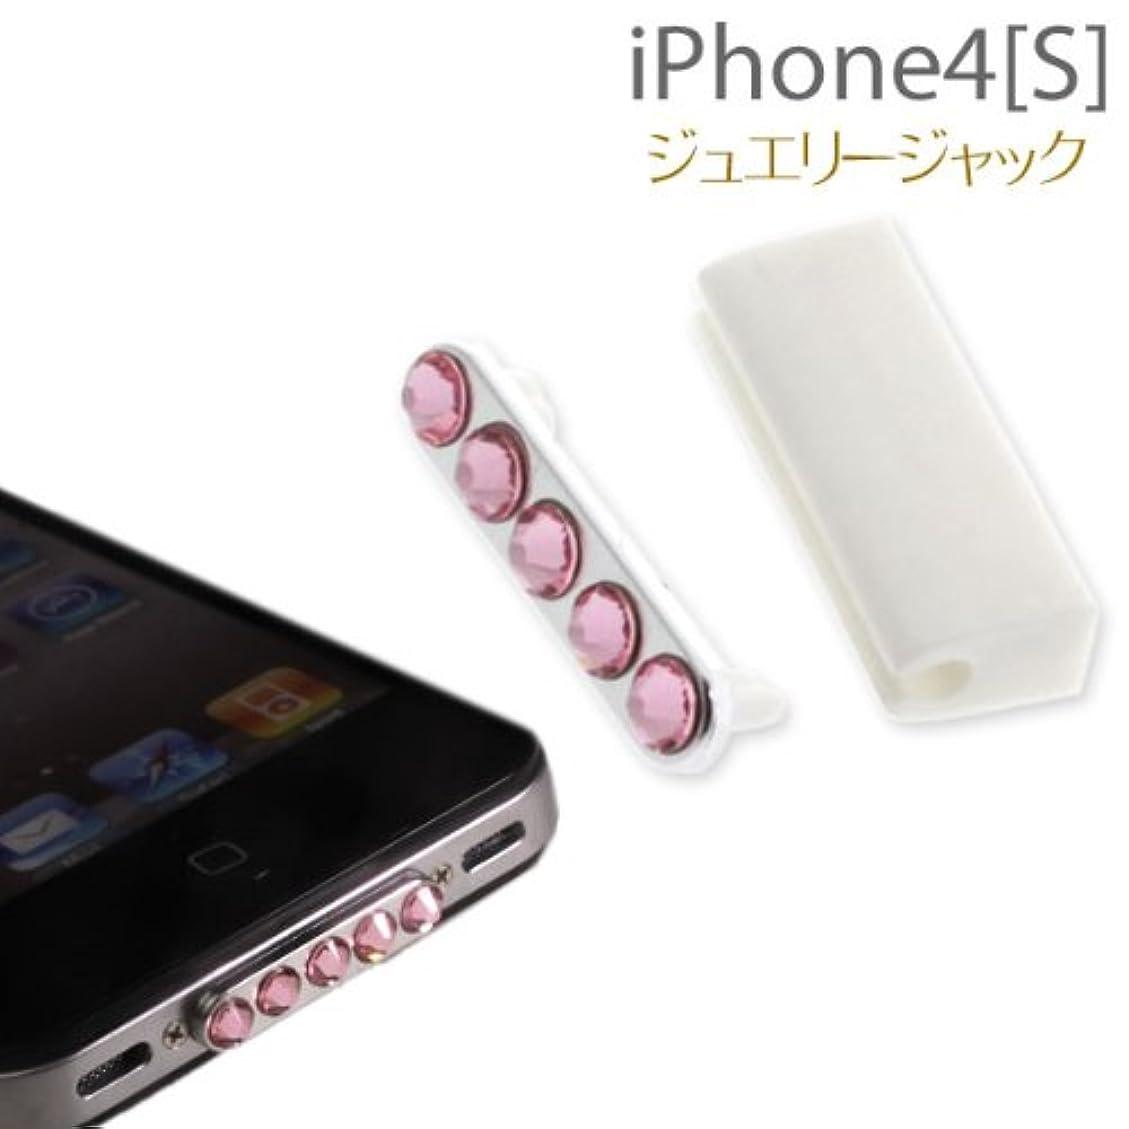 黒段階従順【iDress】iPhone4S/4ドックコネクタ用ジュエリージャック2nd☆アイフォンアクセ通販☆【メール便可】【ピンクサファイア】